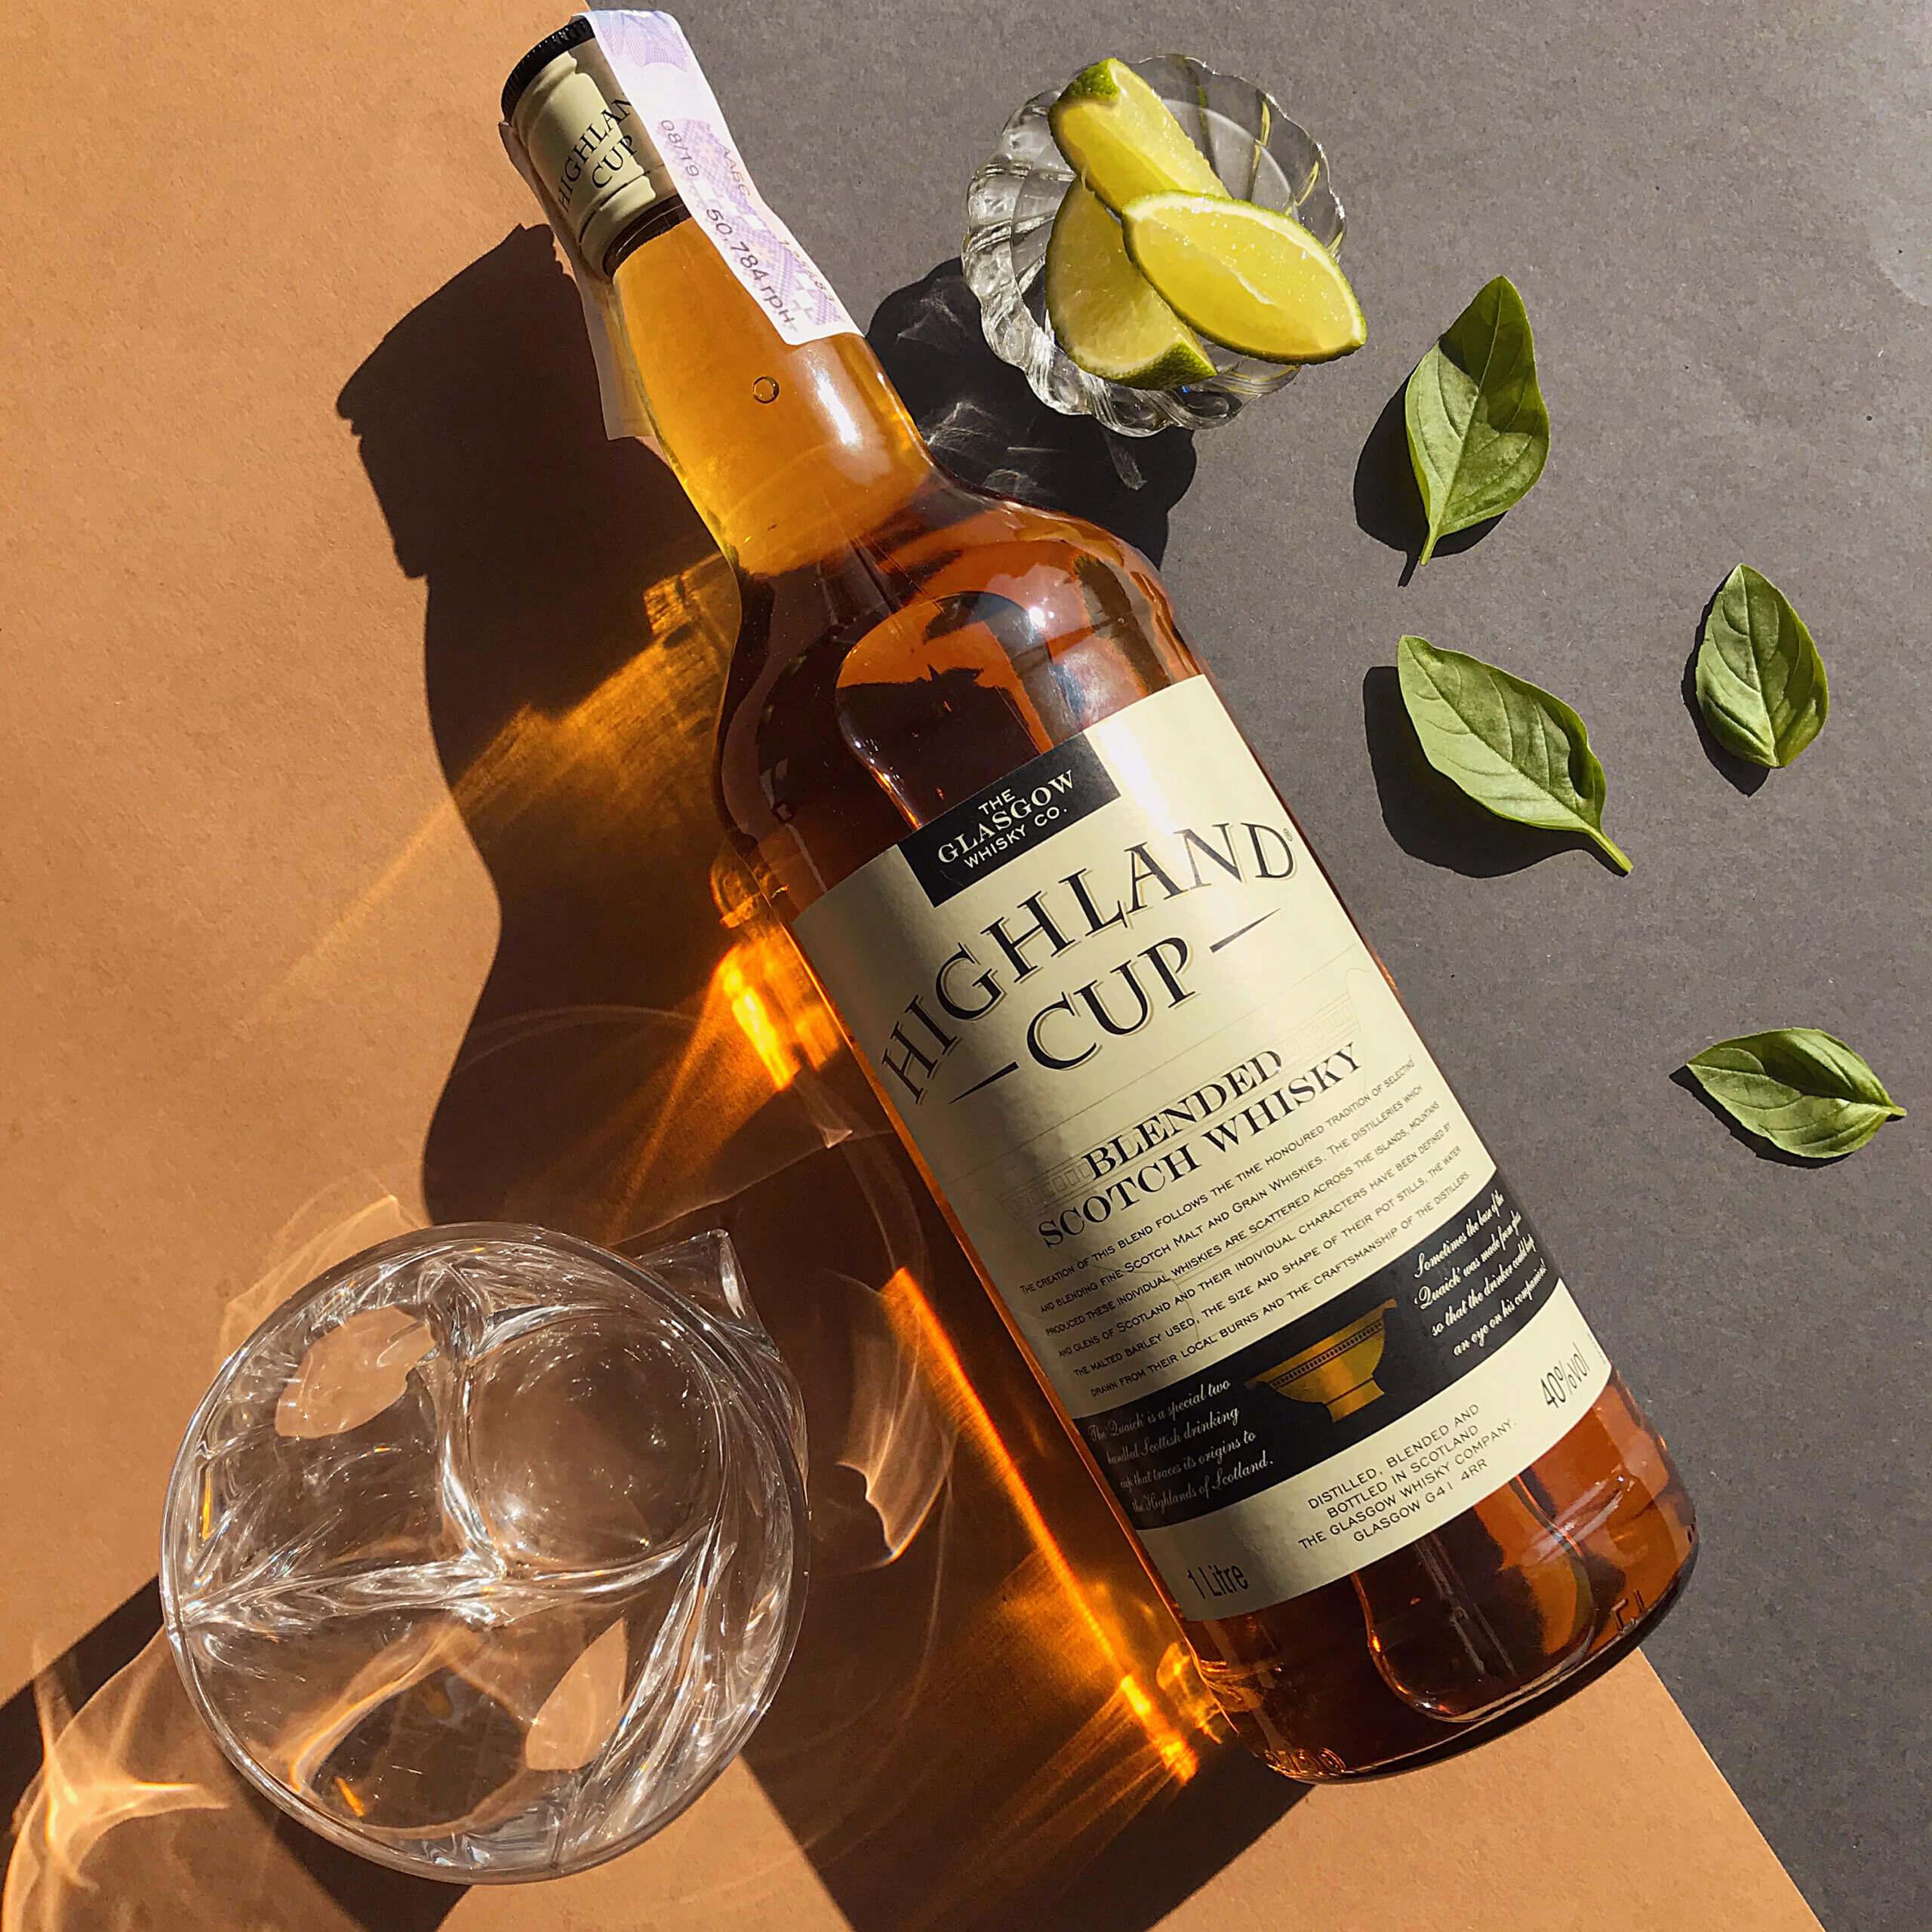 """Шотландський підвезли! Чому саме """"Highland cup scotch whisky""""?"""